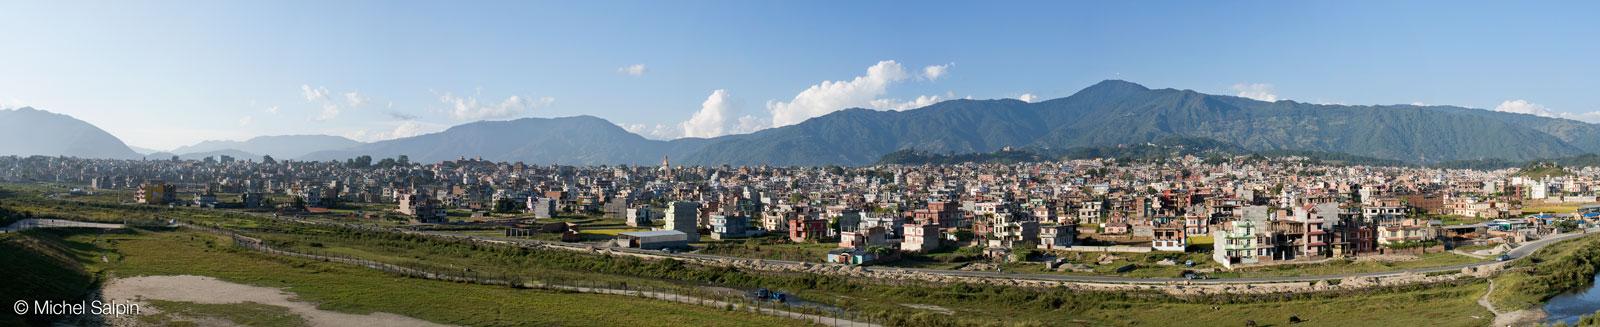 Vue sur Katmandou au Népal